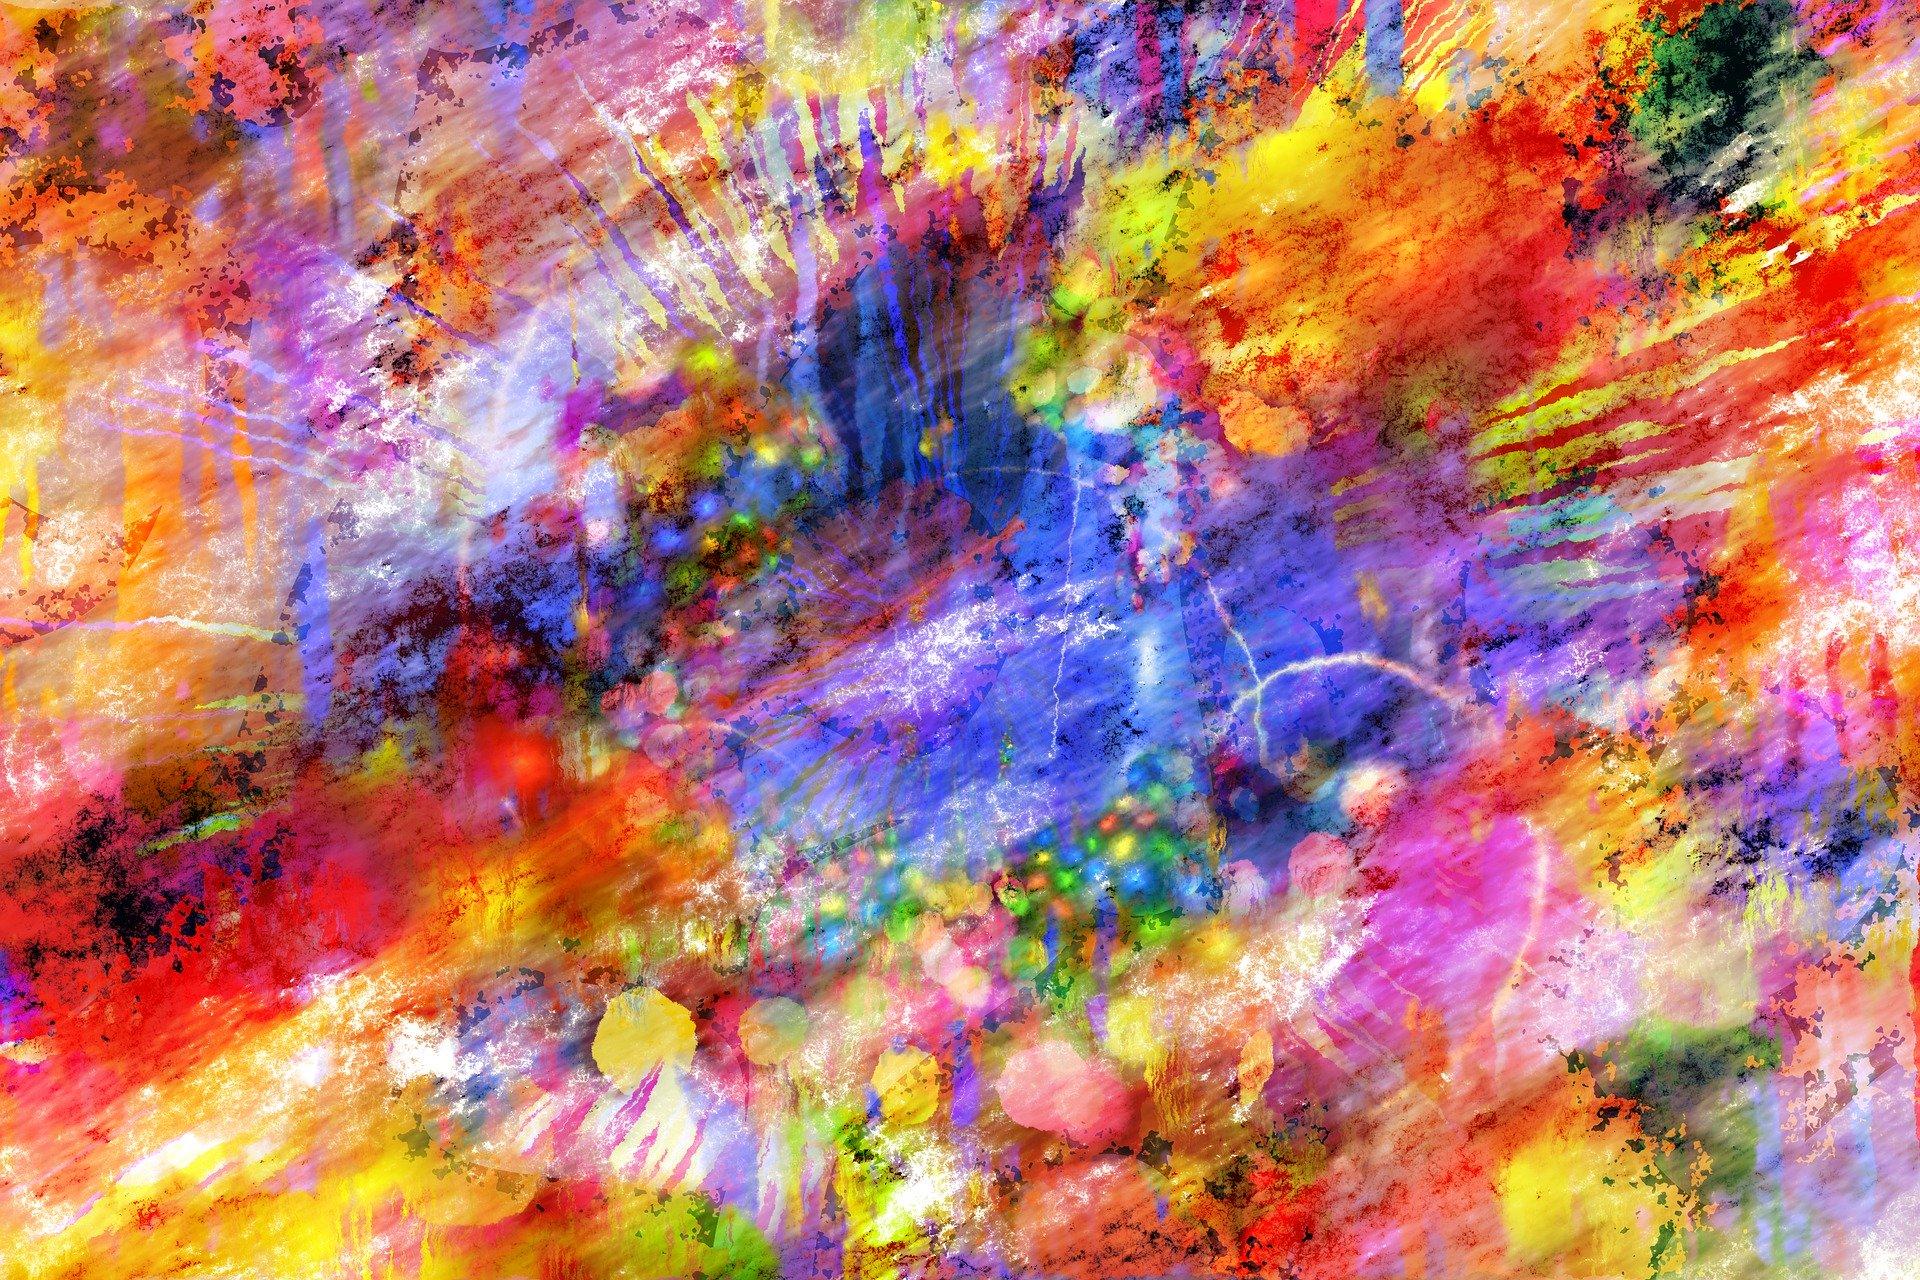 color-3256055_1920